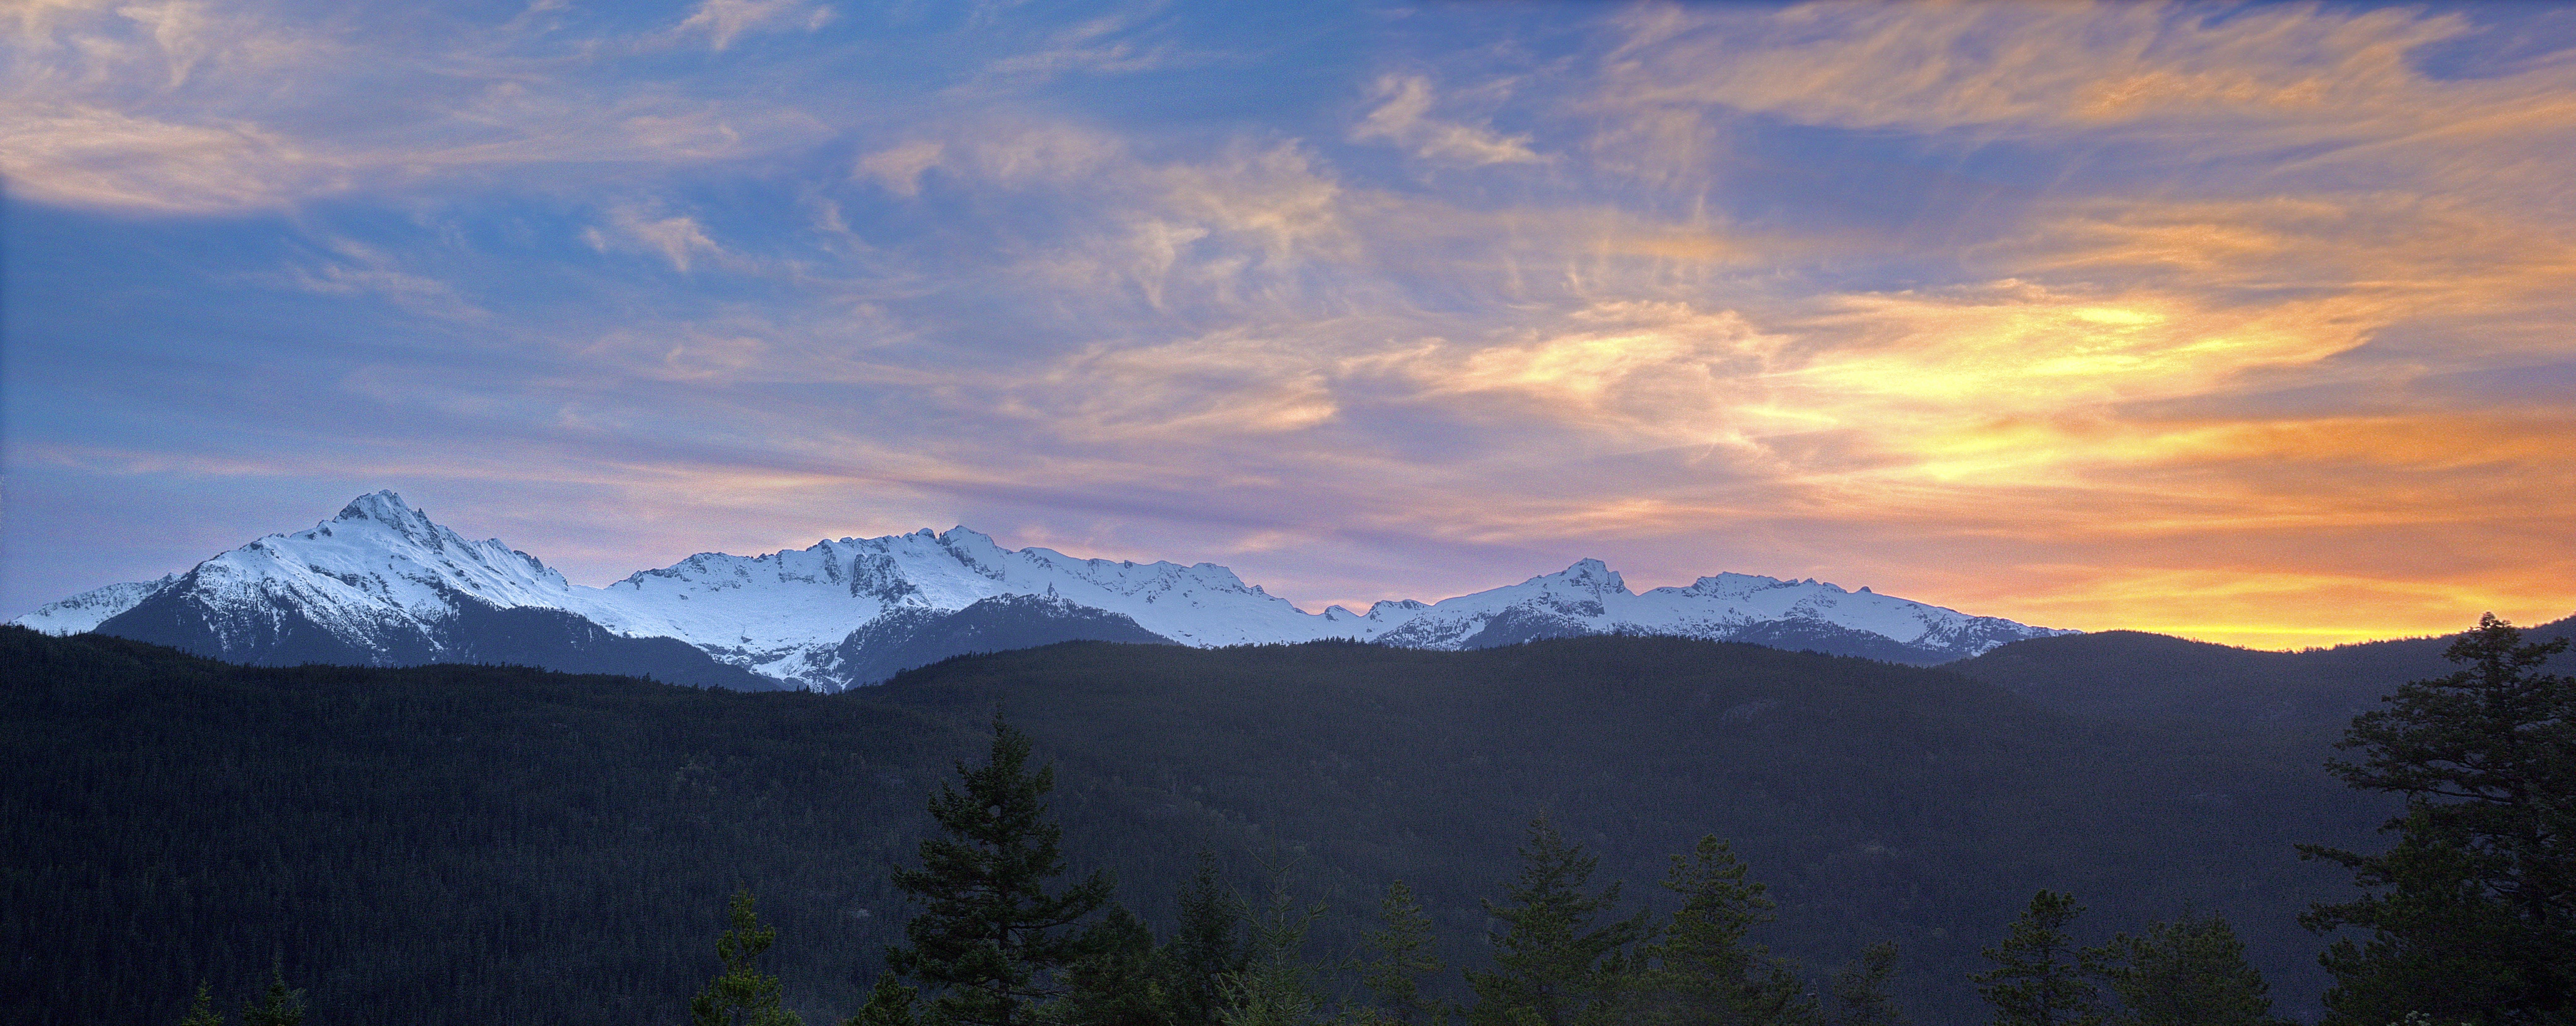 Δωρεάν στοκ φωτογραφιών με Ανατολή ηλίου, αυγή, βουνά, δύση του ηλίου